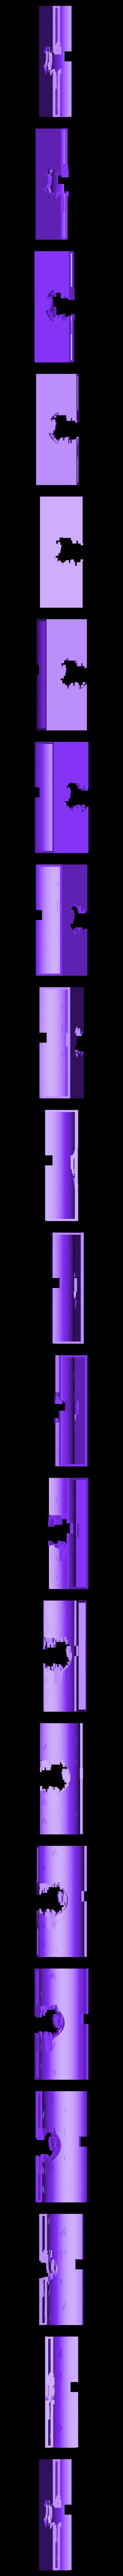 sewer_straight_tnlld_top1.stl Télécharger fichier STL gratuit Ripper's London - Les égouts • Design pour imprimante 3D, Earsling